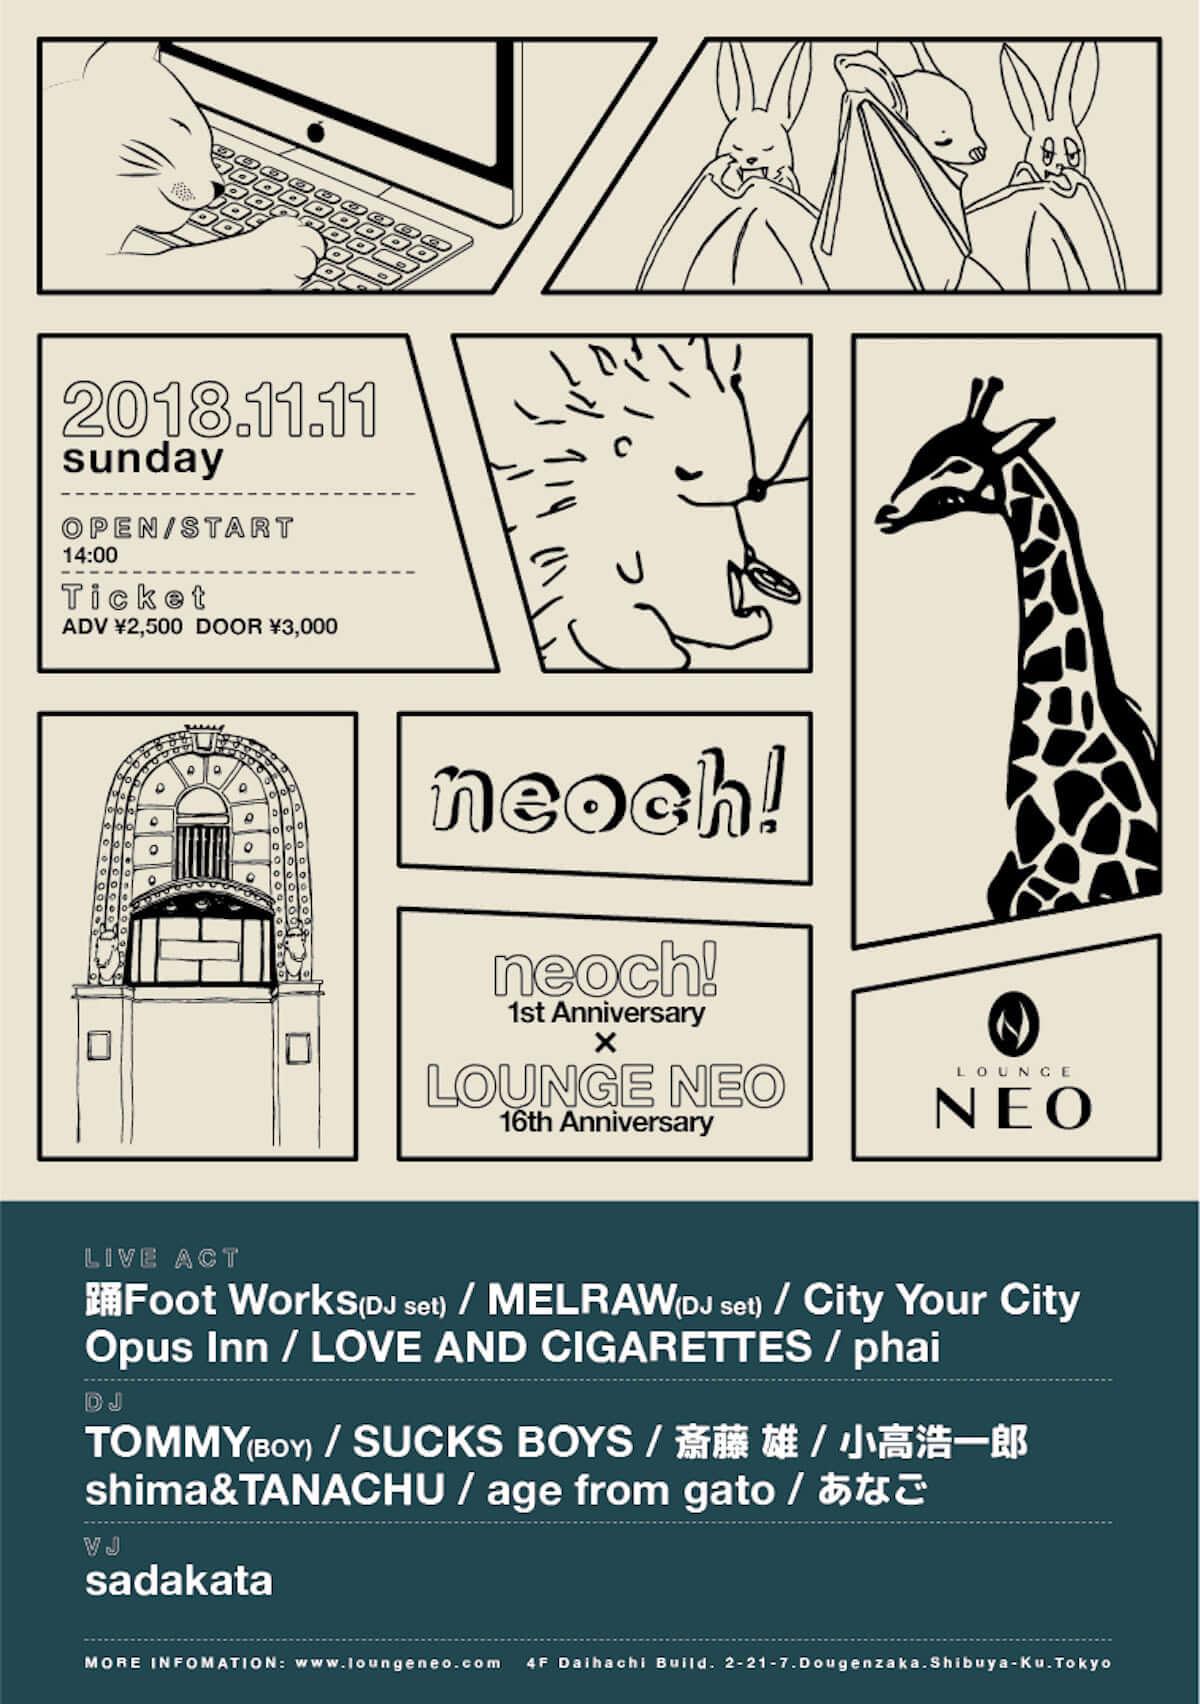 踊Foot Works、City Your Cityら出演!LOUNGE NEO16周年×<neoch!>1周年記念アニバーサリーイベント開催決定! music181004_neochi_001-1200x1704